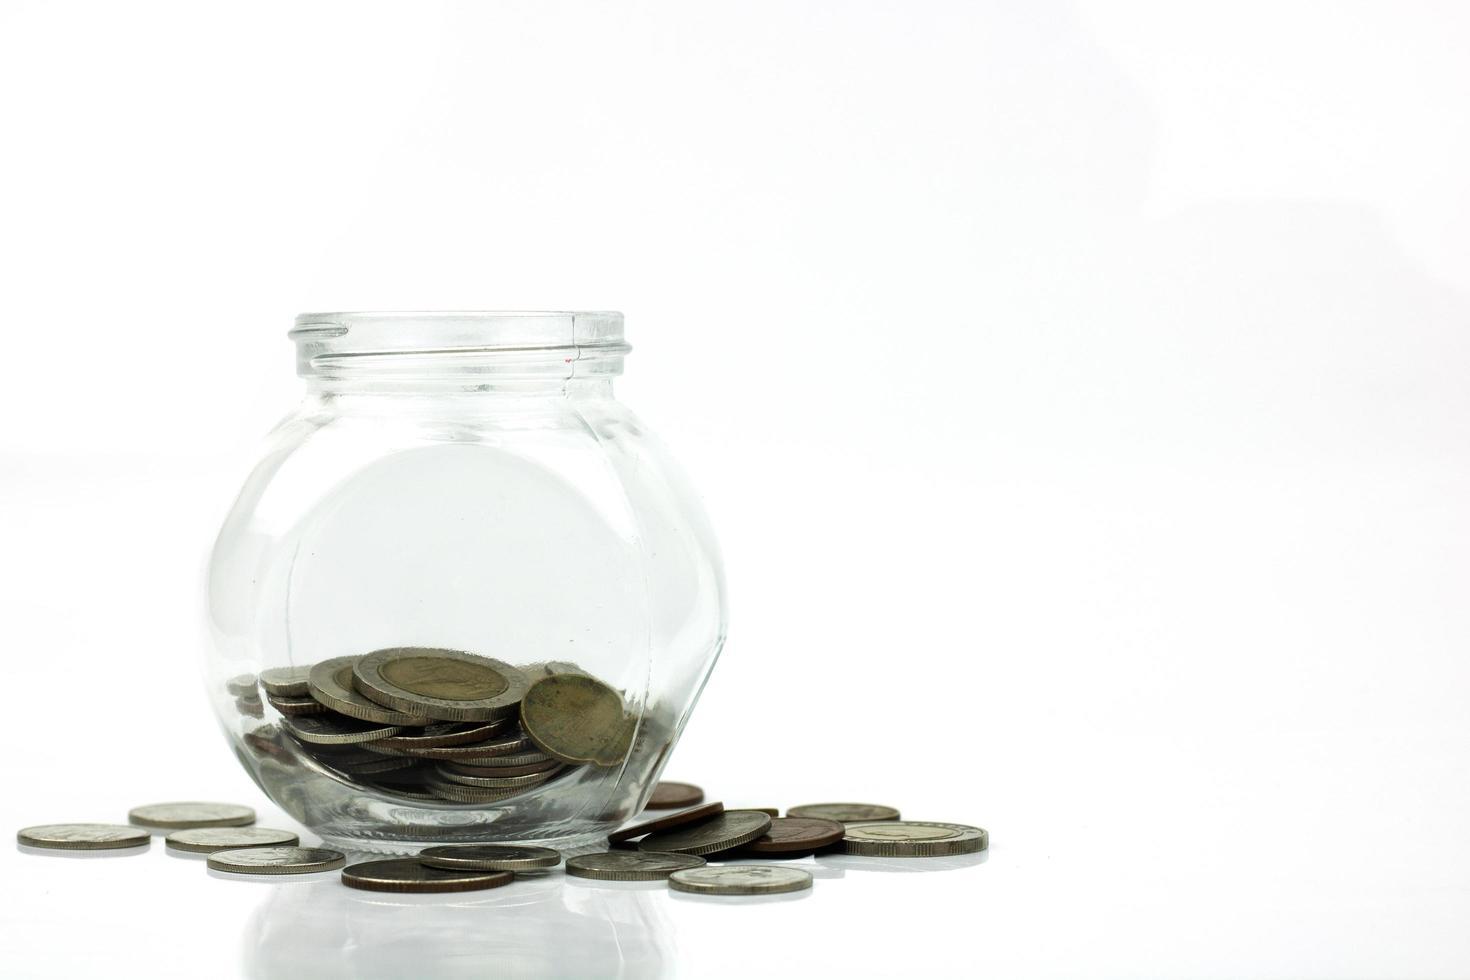 spara pengar och investeringskonceptmynt som växer upp i glas isolerad på vit bakgrund foto